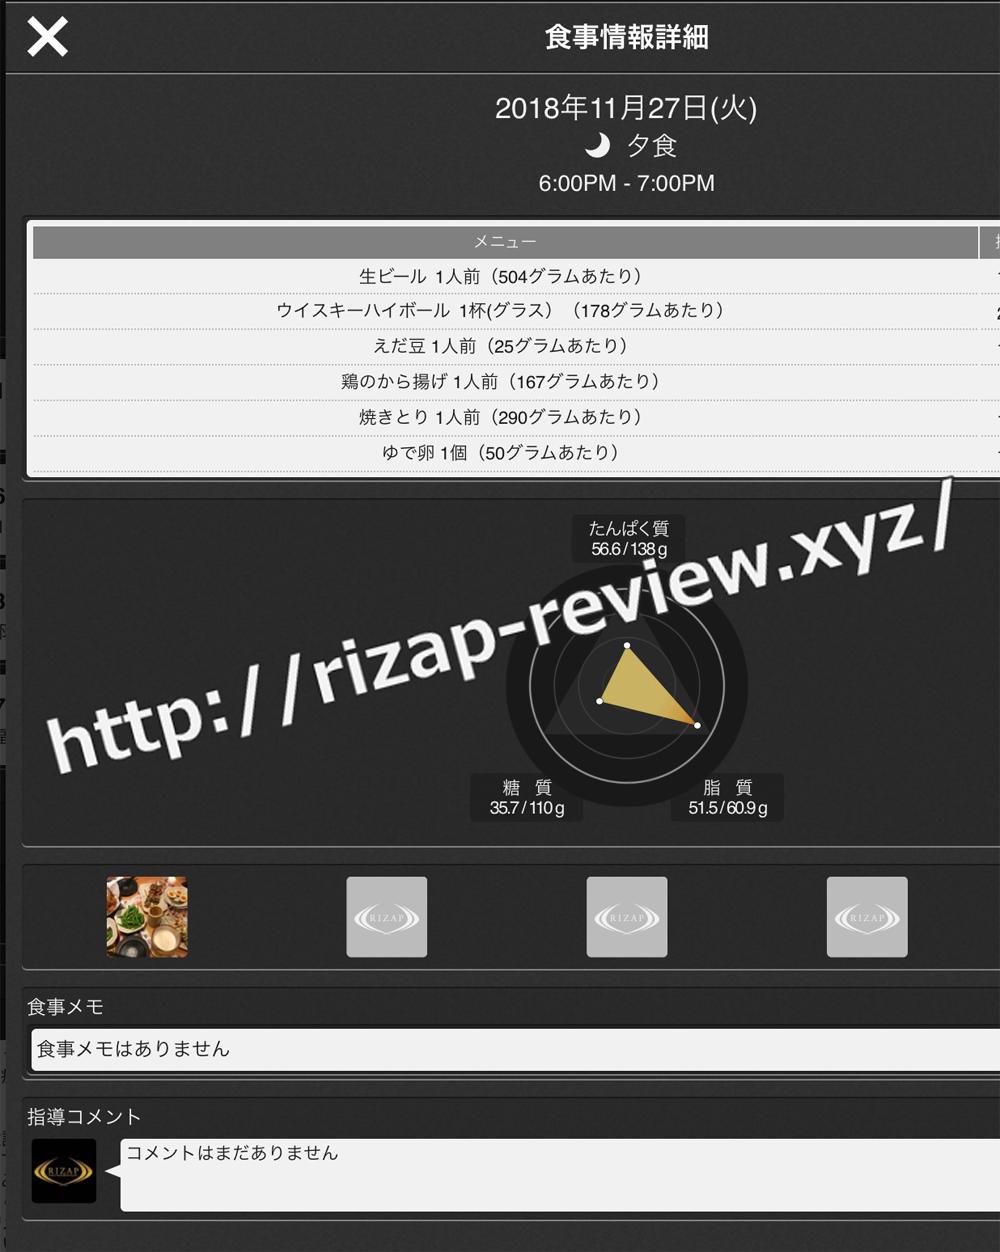 2018.11.27(火)ライザップ流の夕食